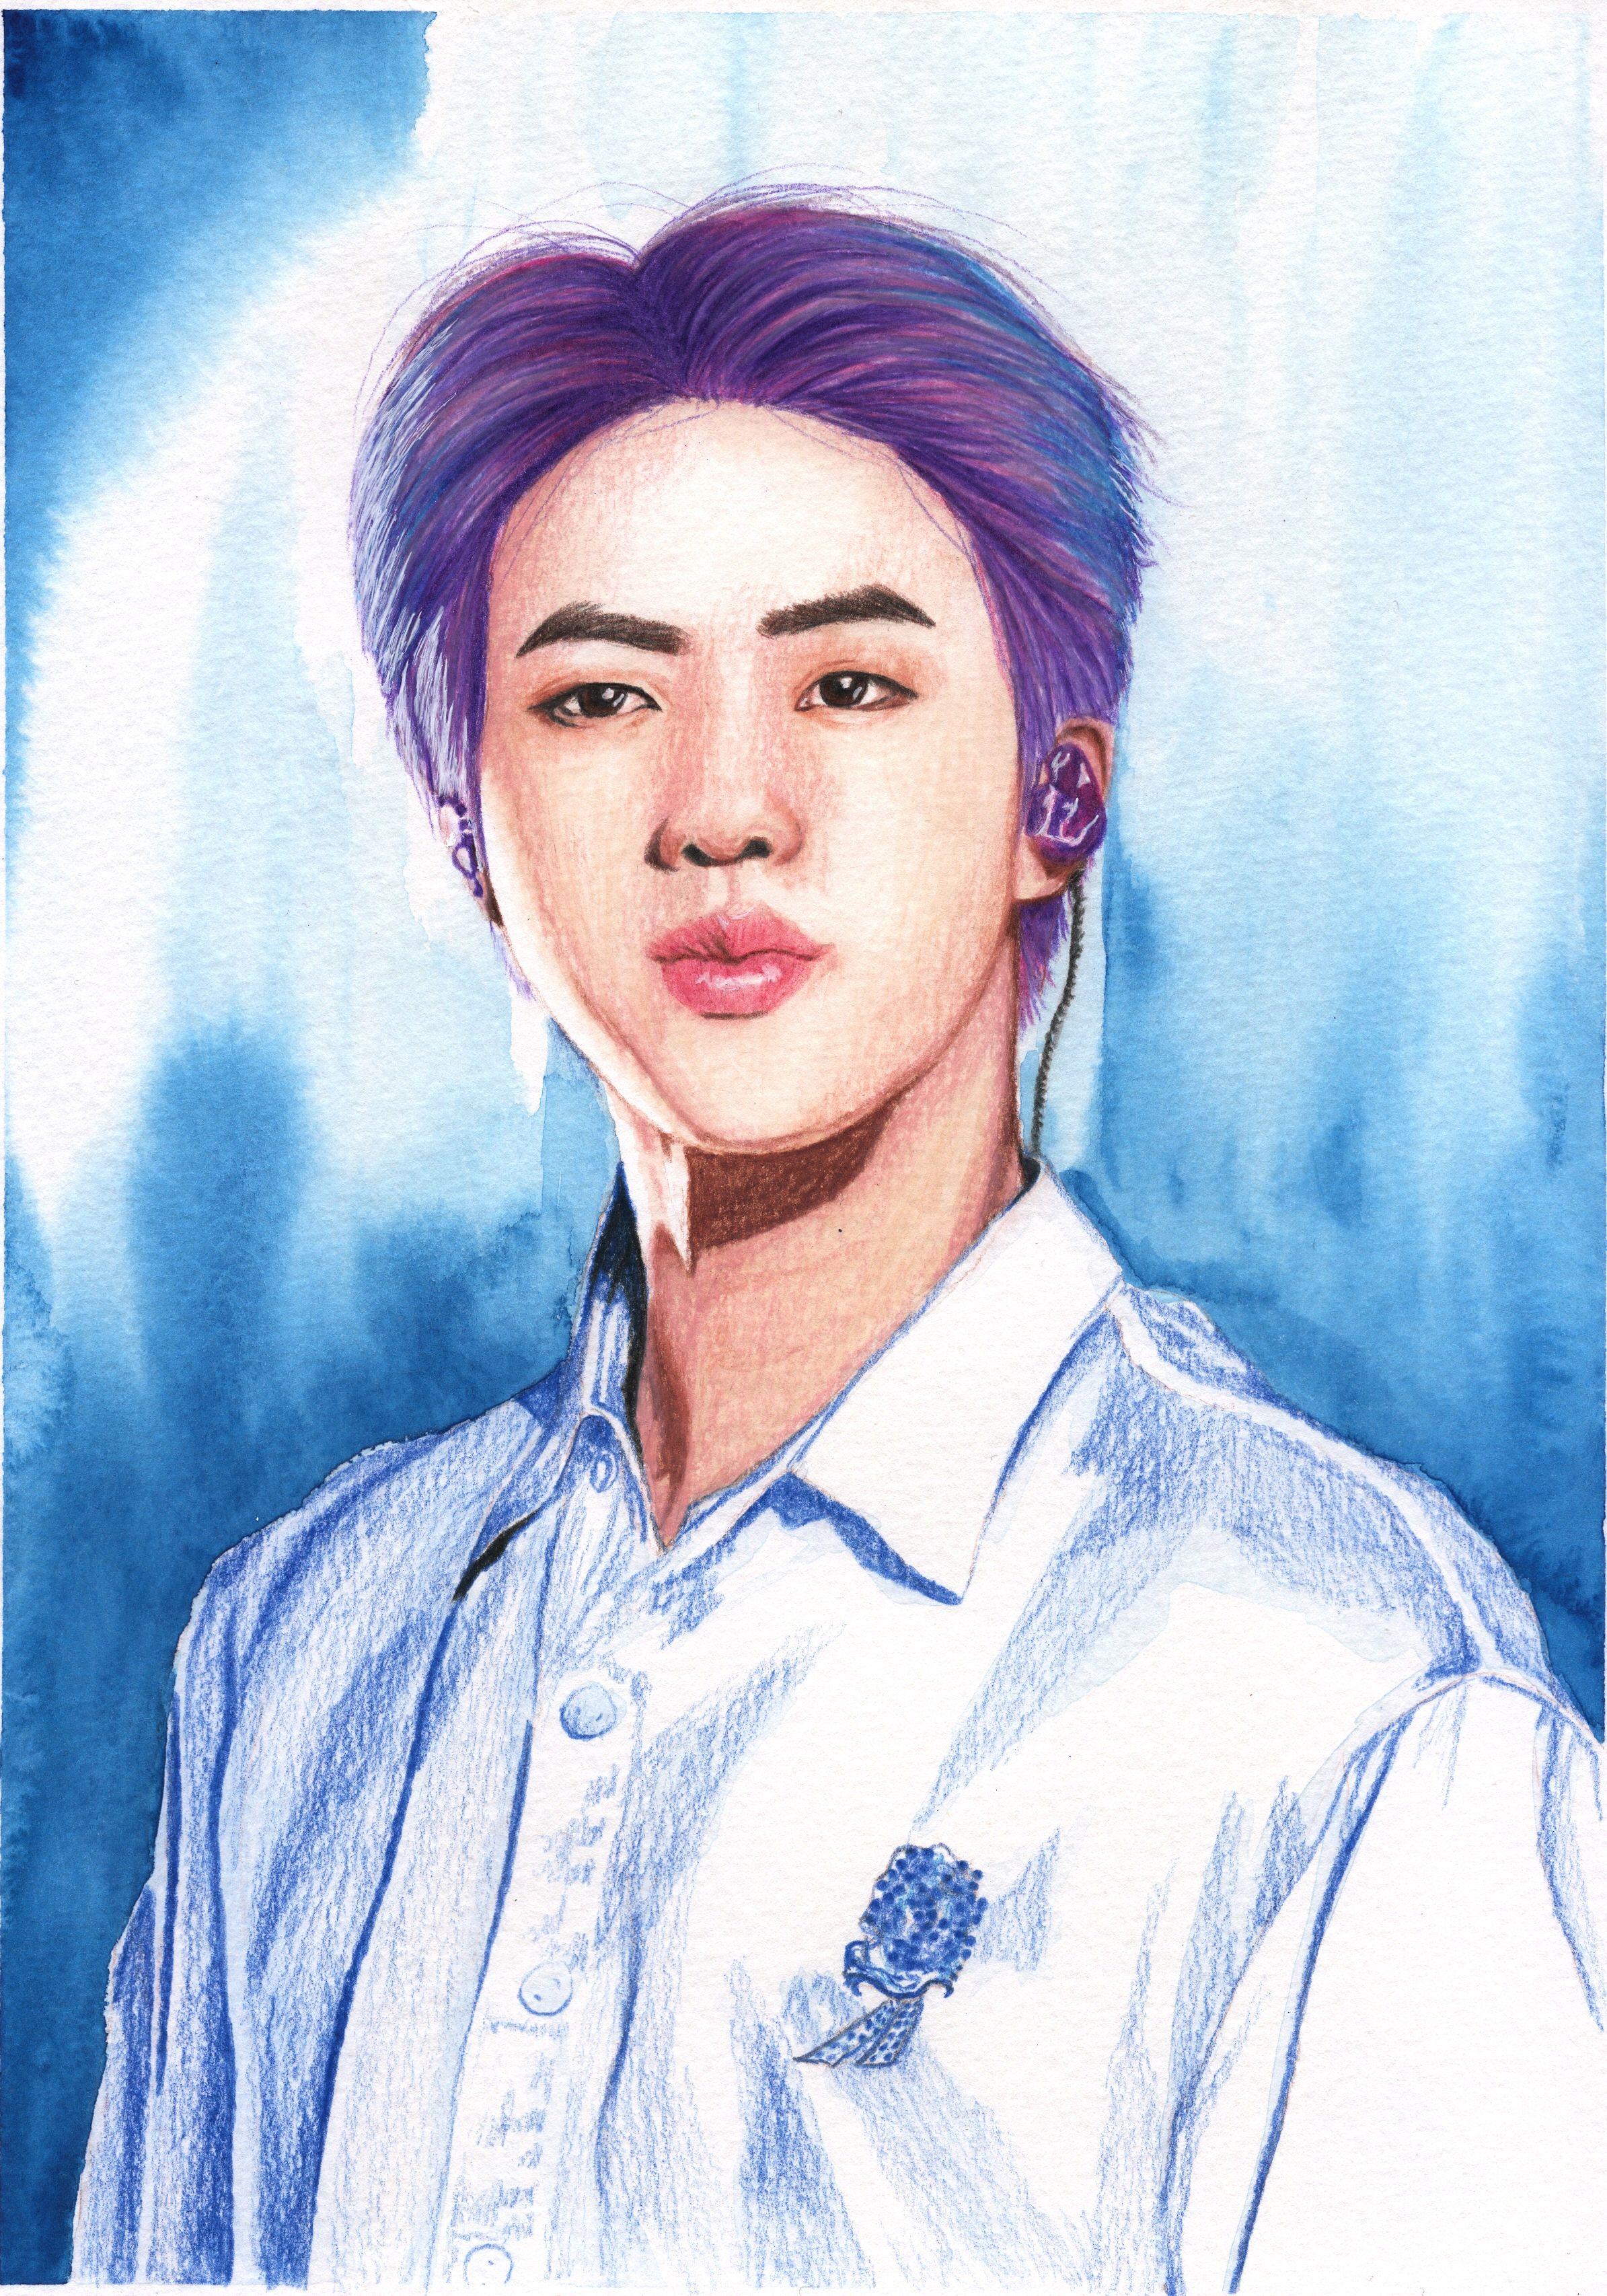 Bts Jin Mixedmedia Portrait Purple Hair Etsy Etsy Art Etsy Pinterest Etsy